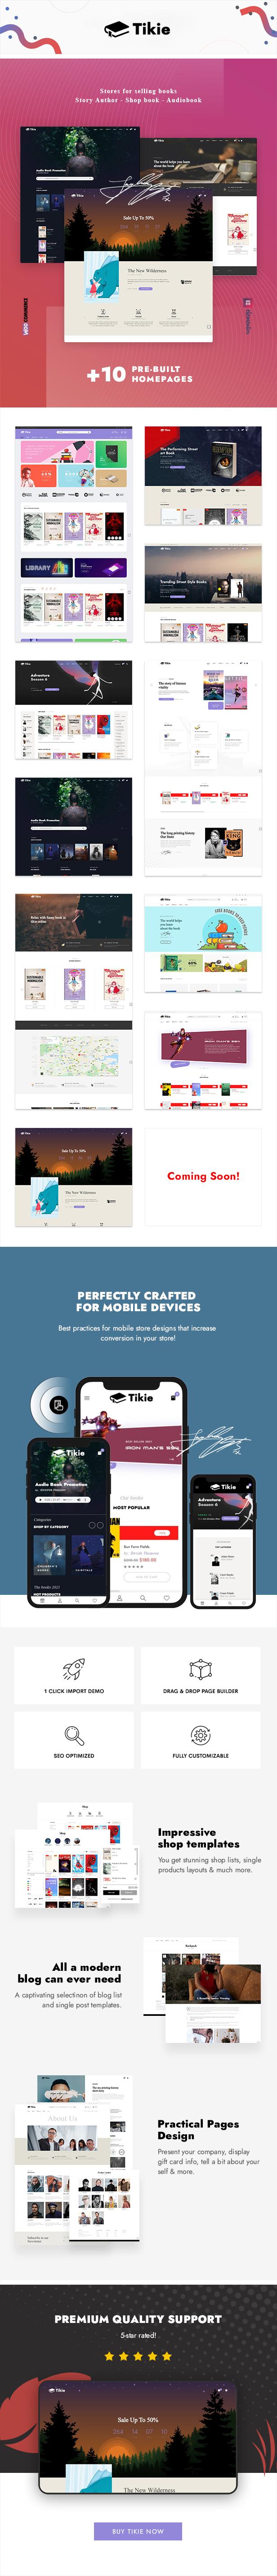 Tikie – Book Store WooCommerce WordPress Theme - 1